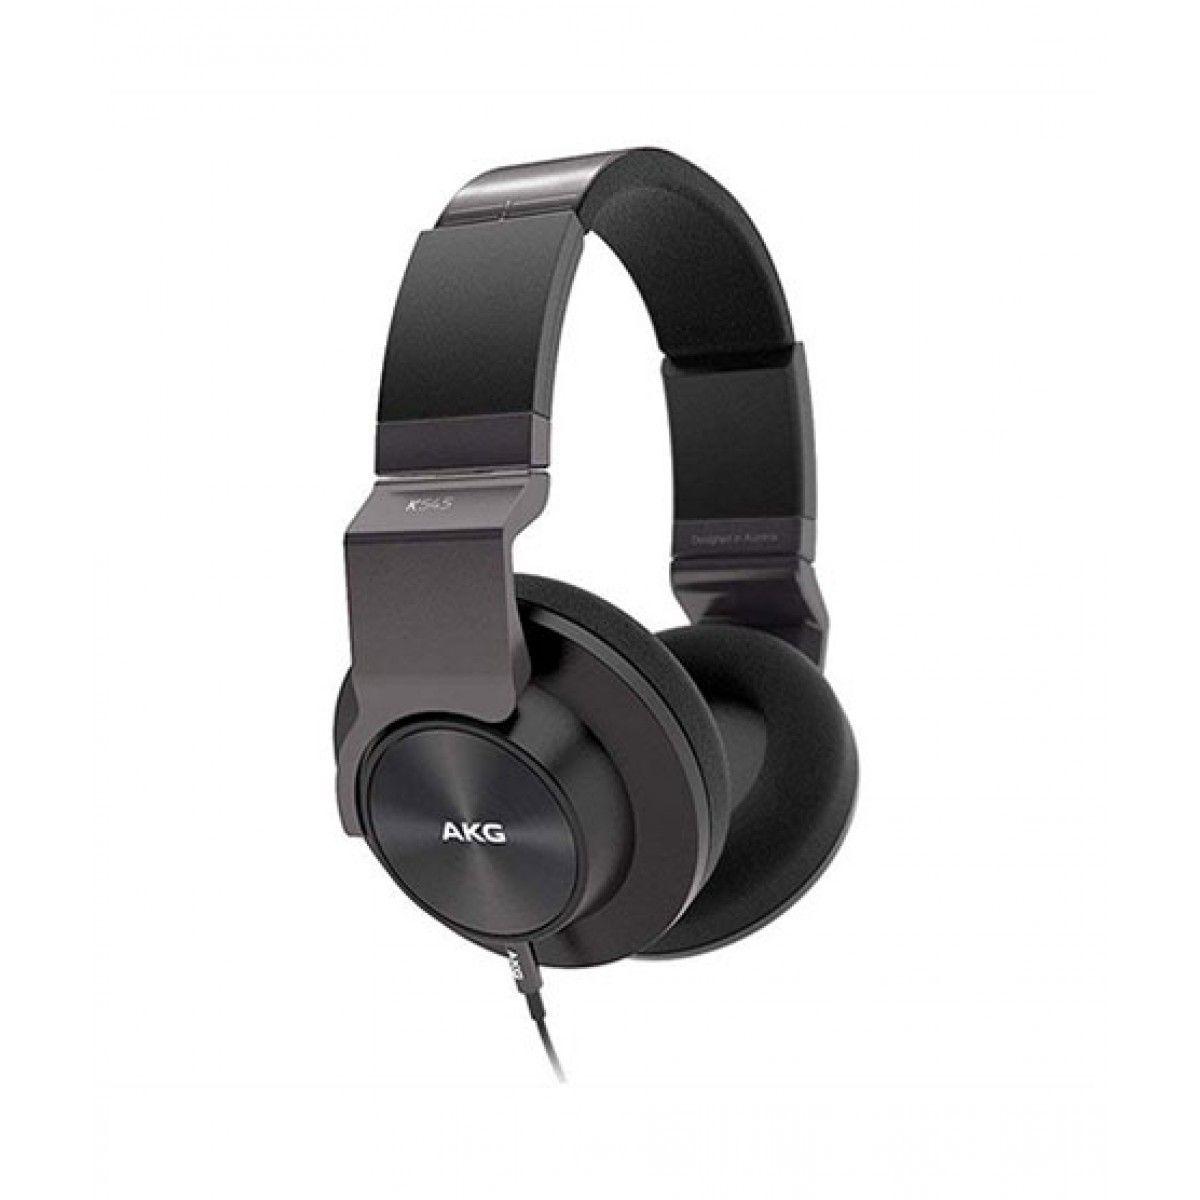 AKG K545 Over Ear Headphones Black